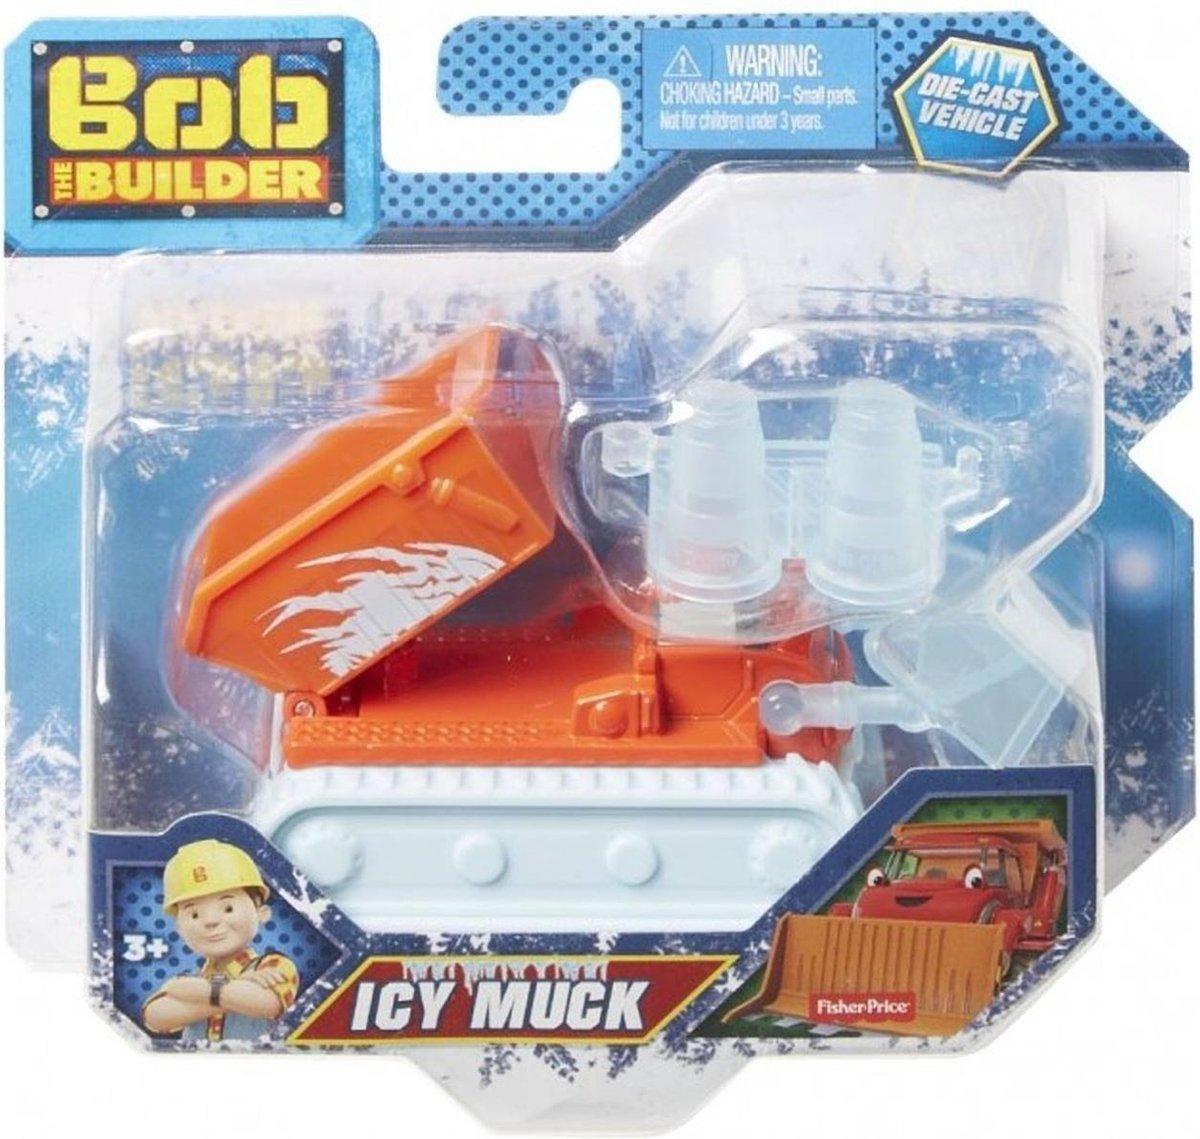 Bob De Bouwer Icy Muck prijzen vergelijken. Klik voor vergroting.